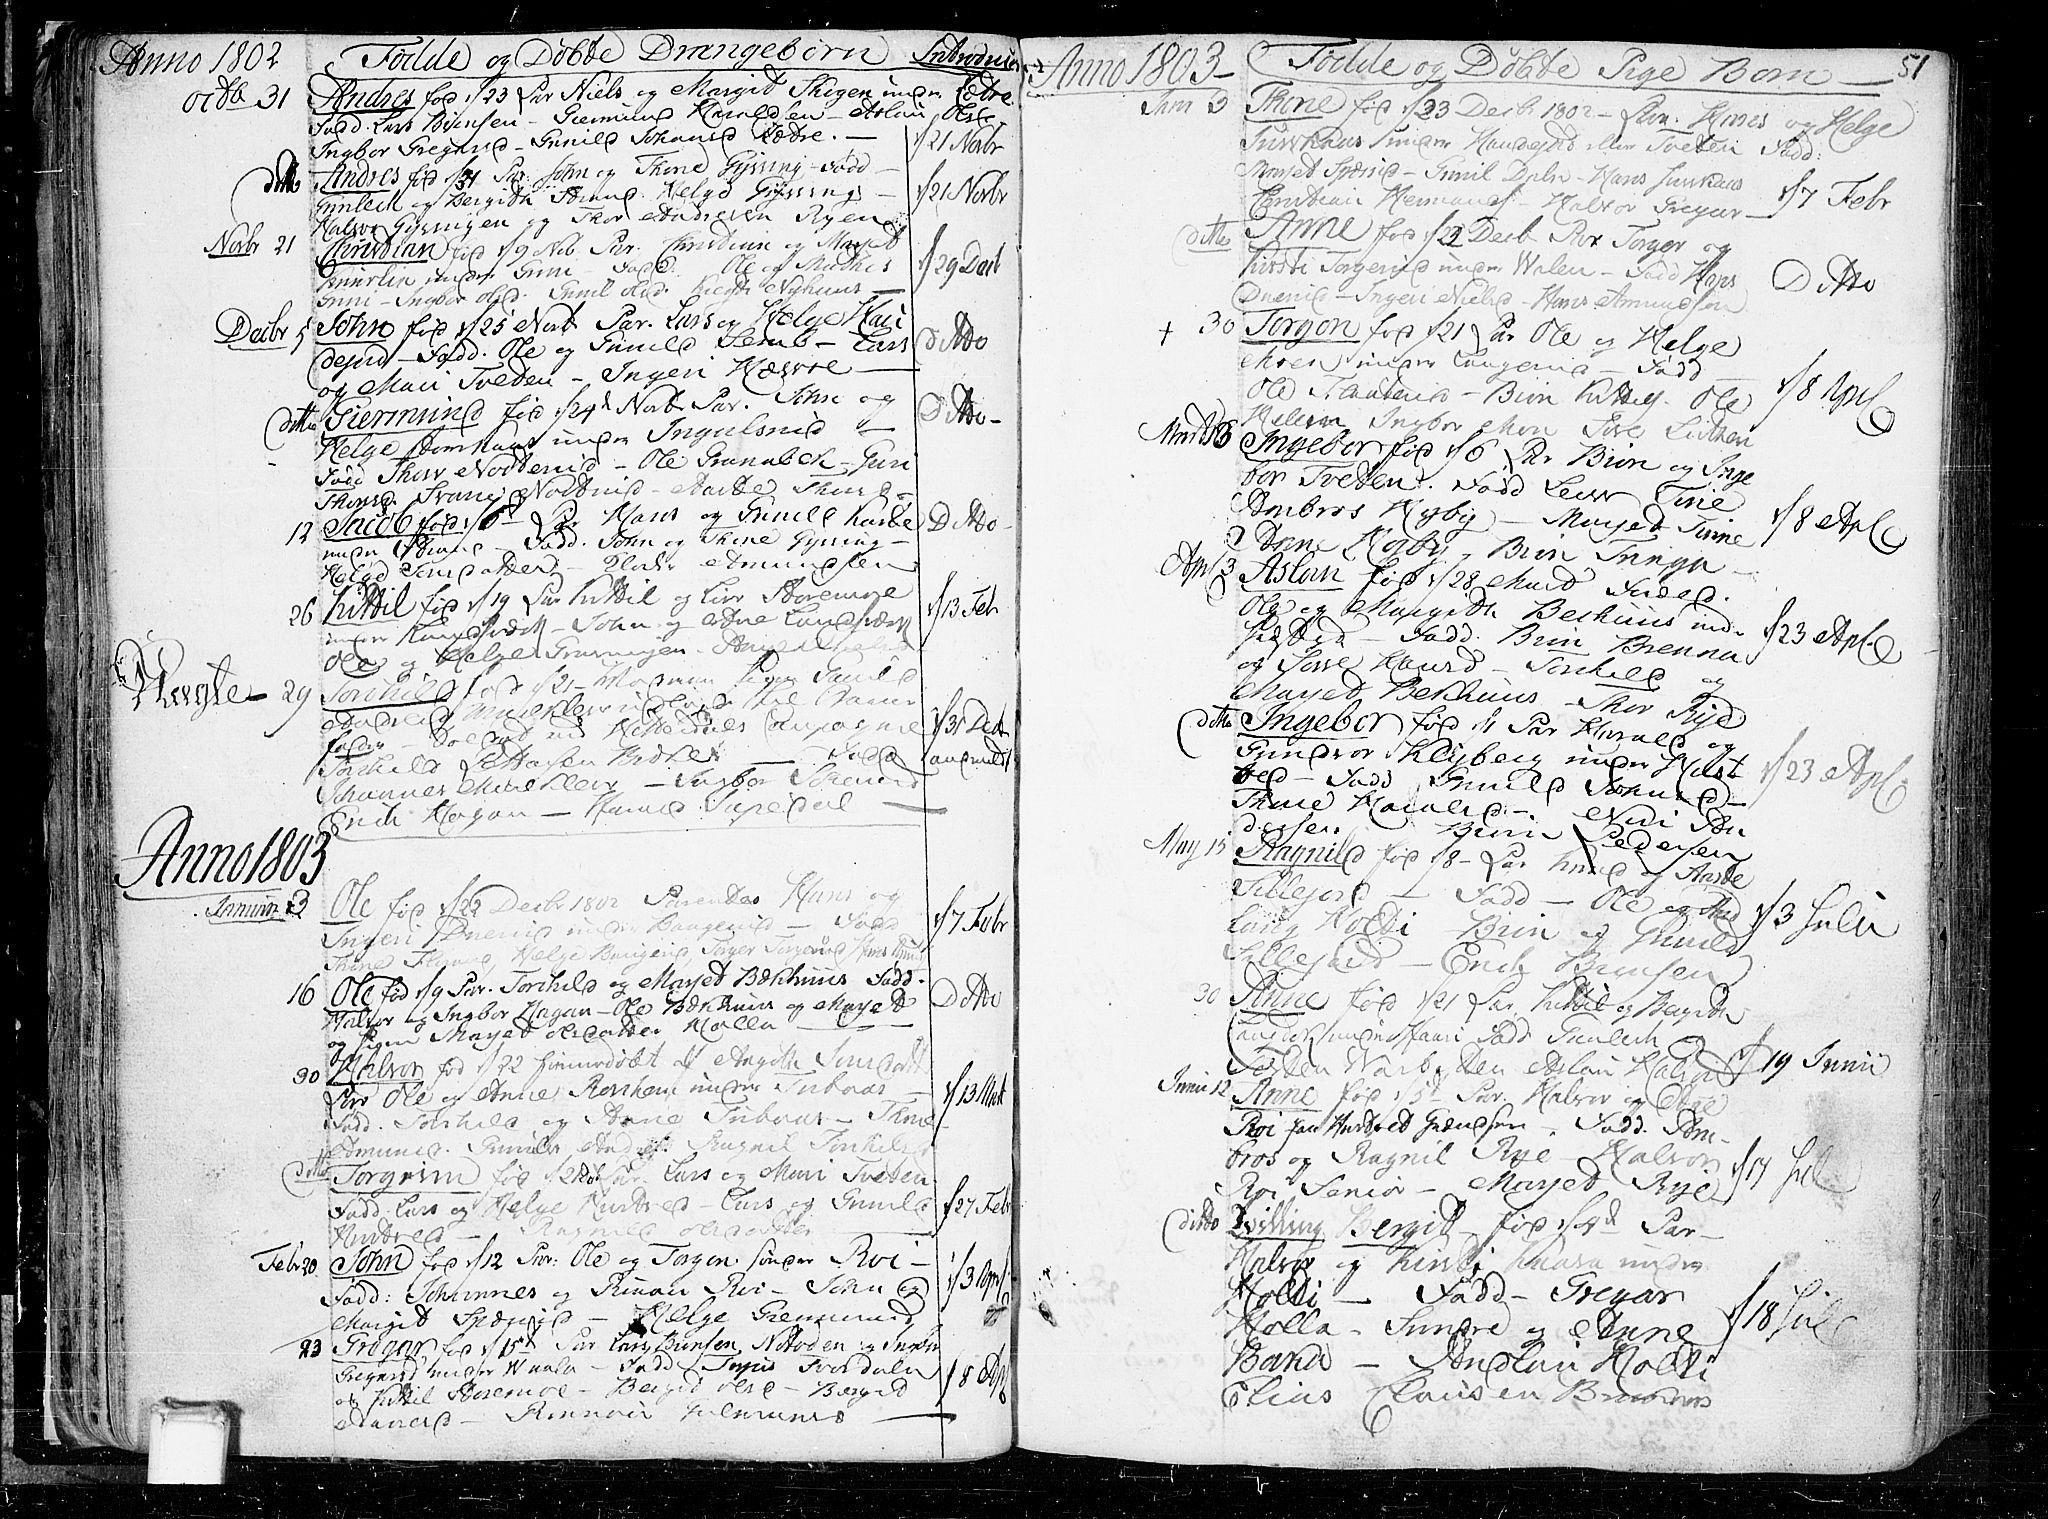 SAKO, Heddal kirkebøker, F/Fa/L0004: Ministerialbok nr. I 4, 1784-1814, s. 51